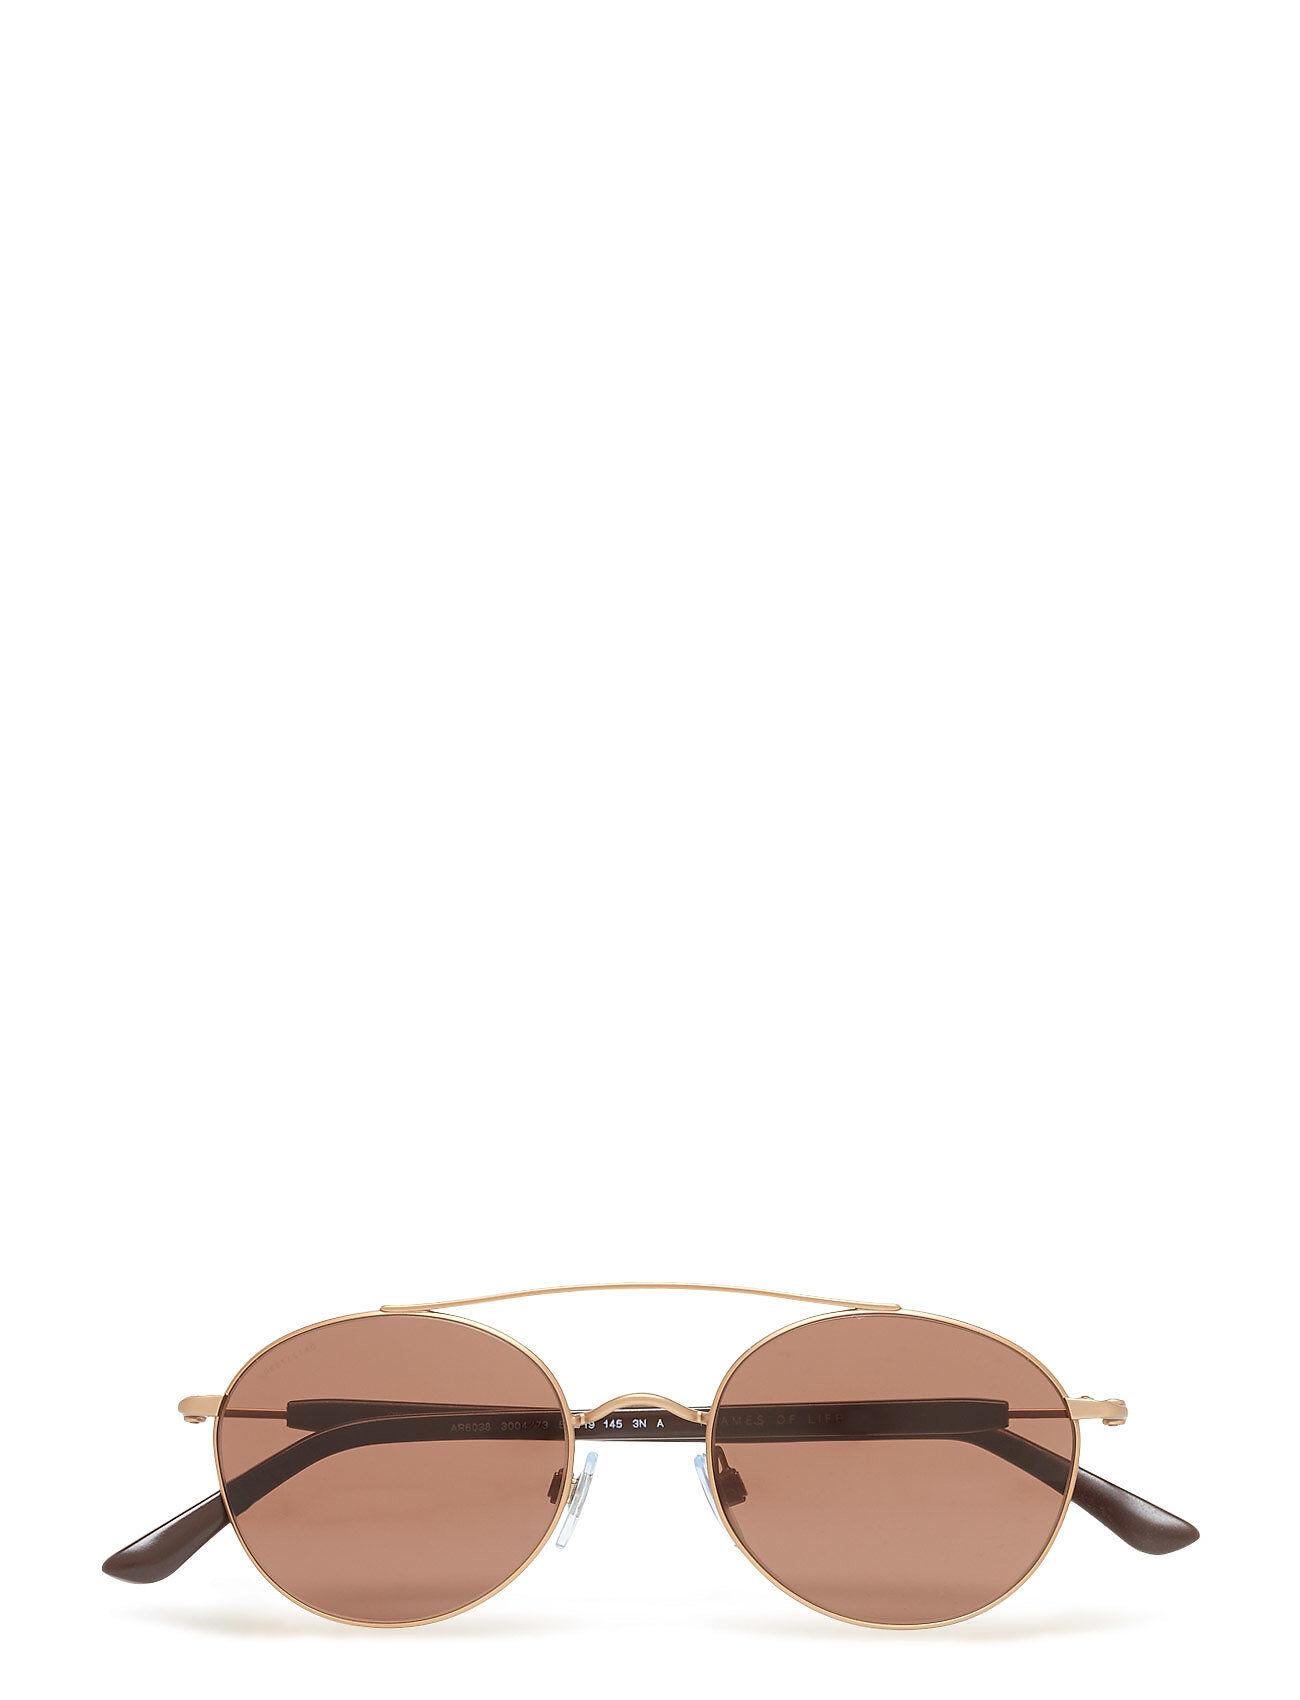 Image of Giorgio Armani Frames Of Life Aurinkolasit Ruskea Giorgio Armani Sunglasses